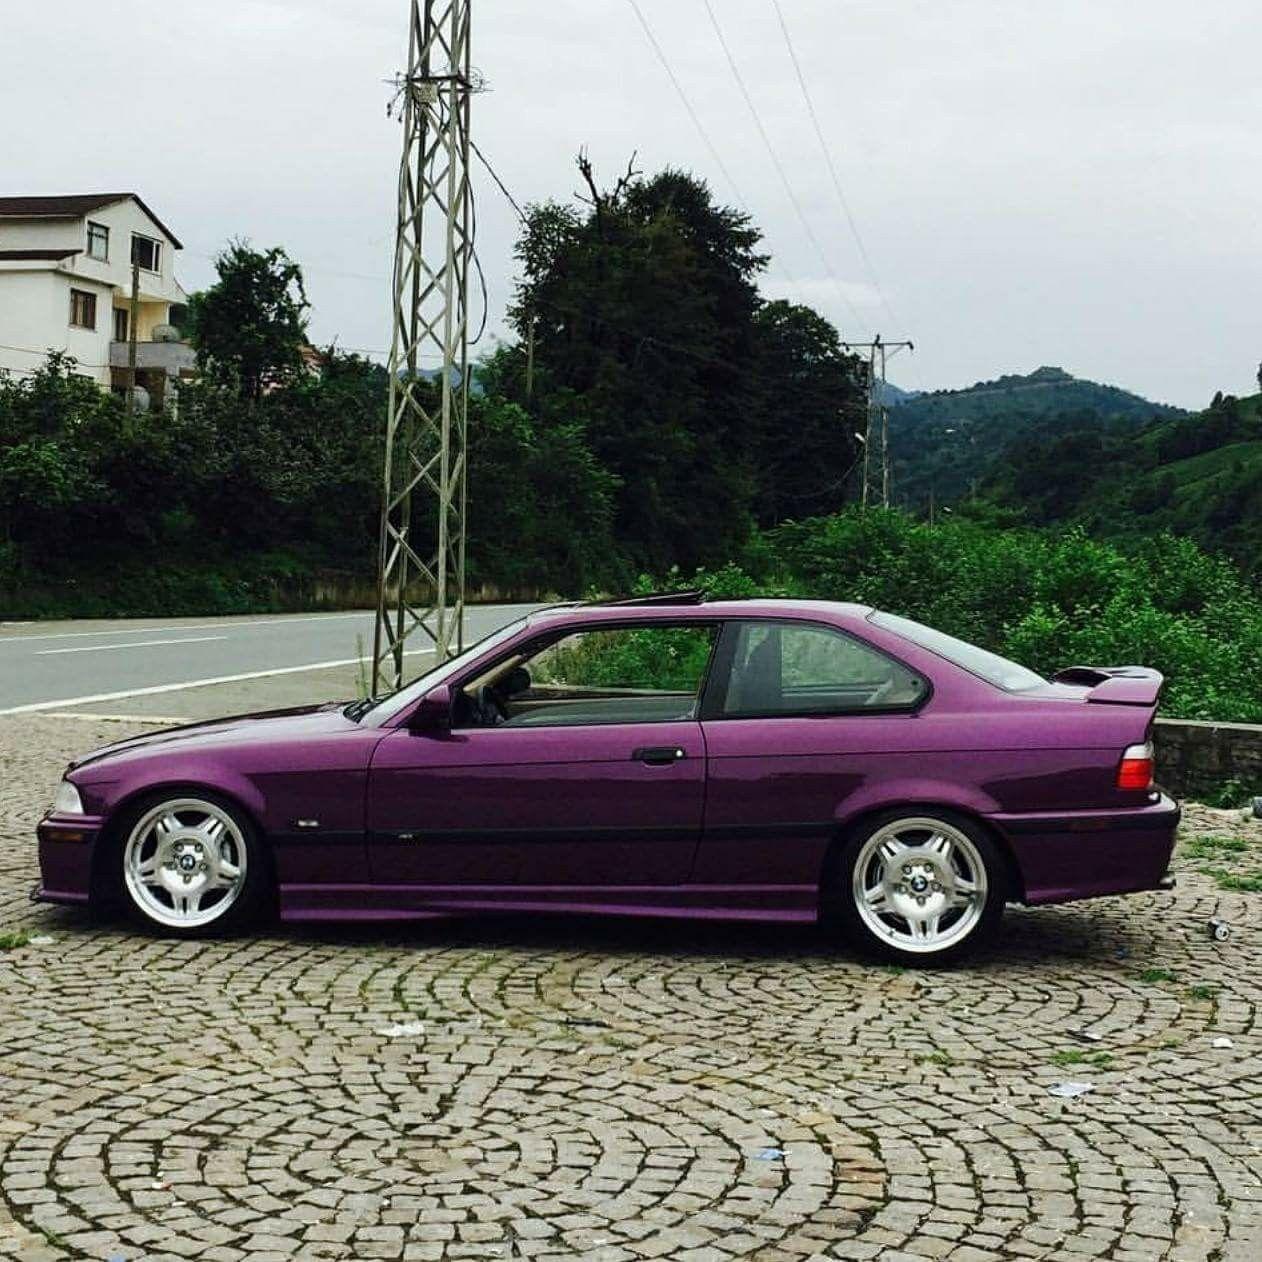 Bmw E36 3 Series Purple Bmw E36 Bmw Classic Cars Bmw